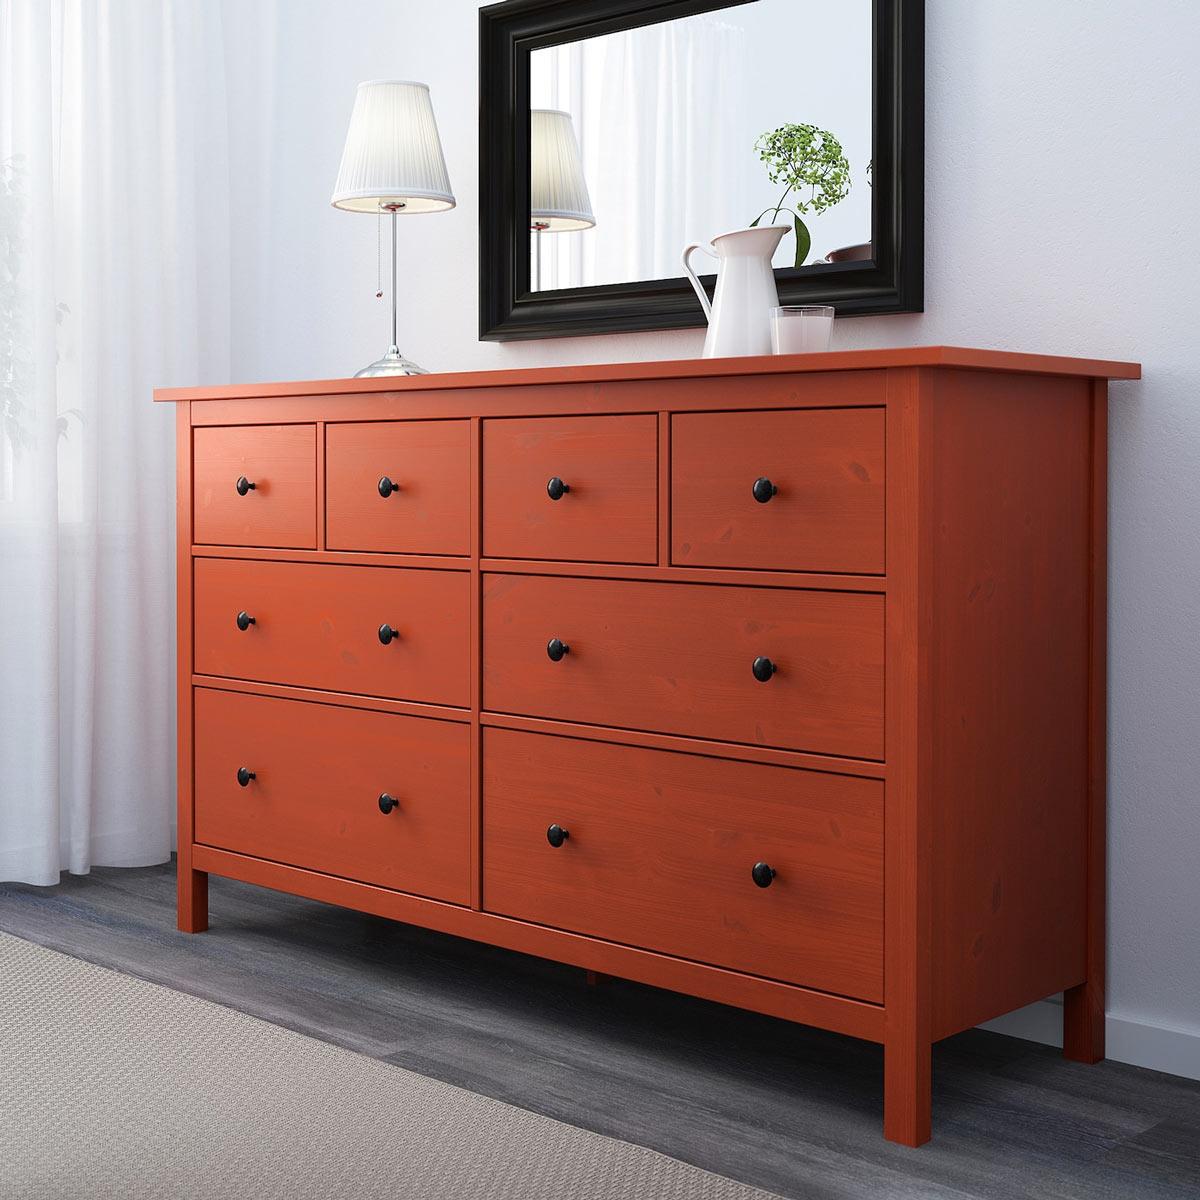 HEMNES è la cassettiera in legno in offerta IKEA.